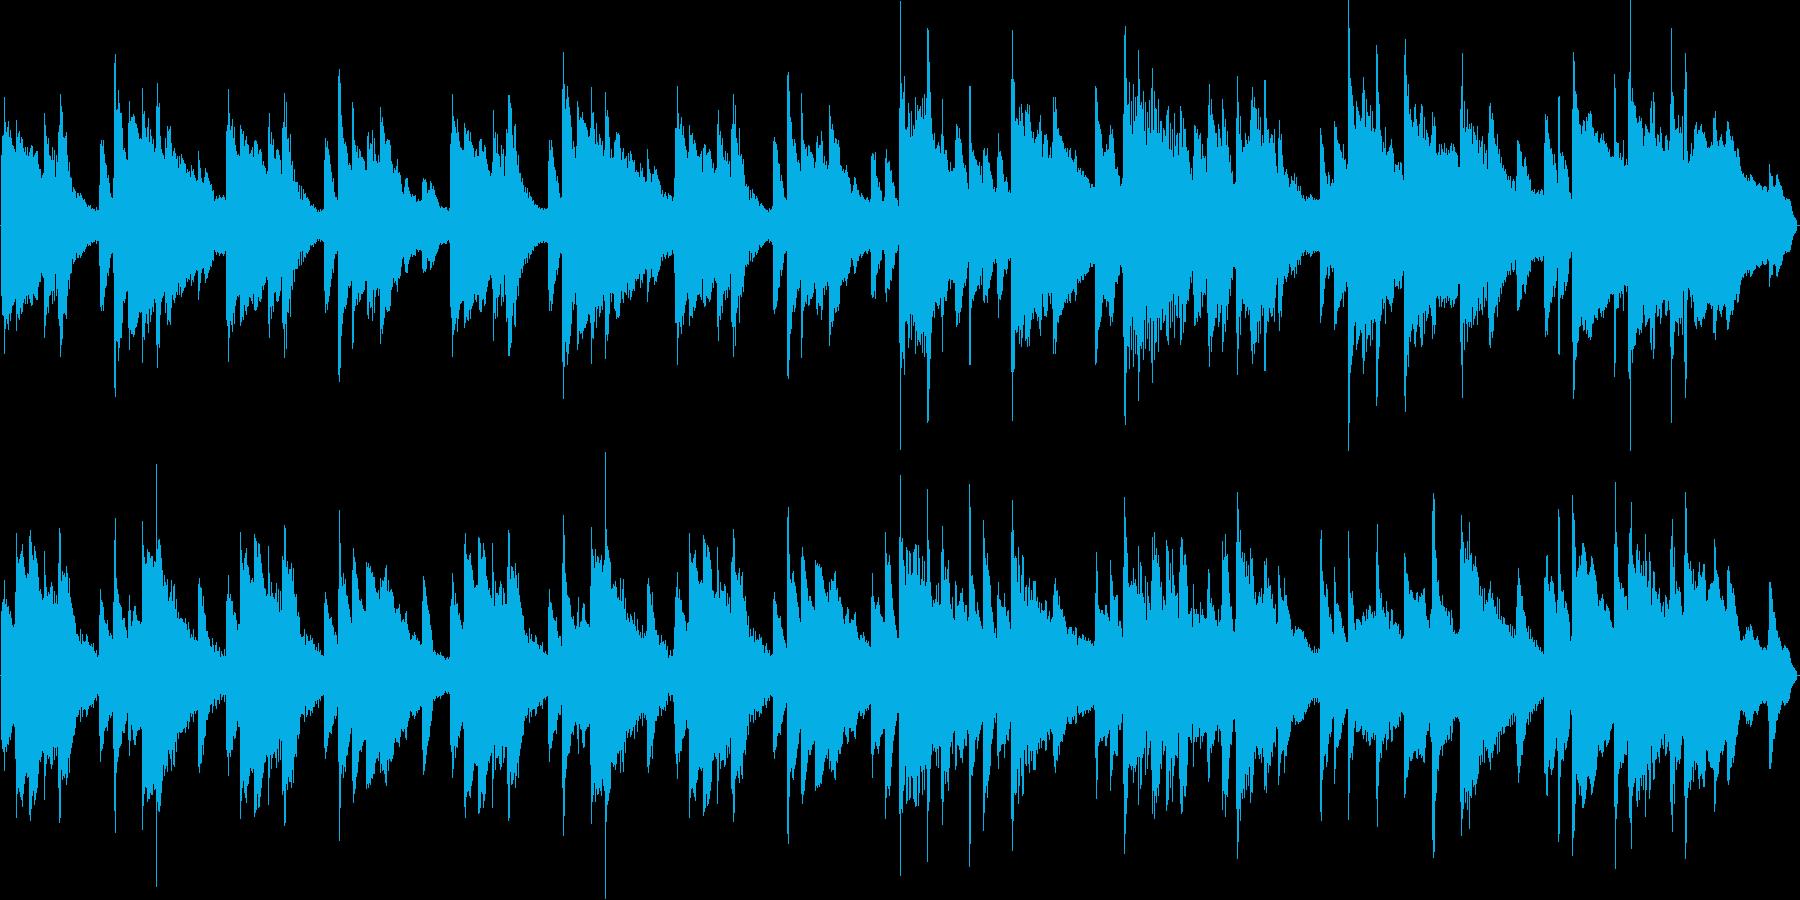 朝をイメージしたピアノだけのループ曲の再生済みの波形